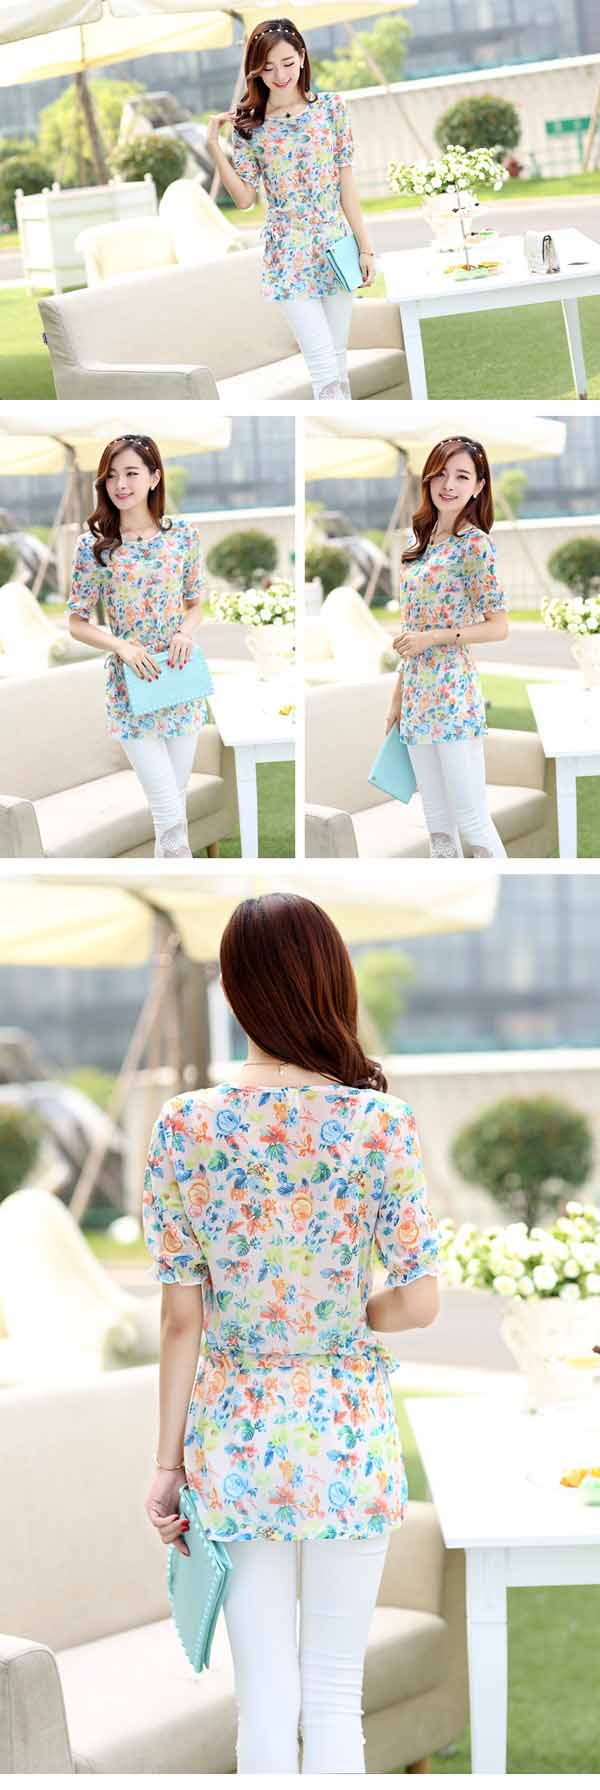 เสื้อชีฟองลายดอกไม้ แฟชั่นเกาหลีแขนตุ๊กตาสวยหวานเอวผูกโบว์ใหม่น่ารัก นำเข้า ไซส์2XL - พร้อมส่งTJ7456 ราคา950บาท